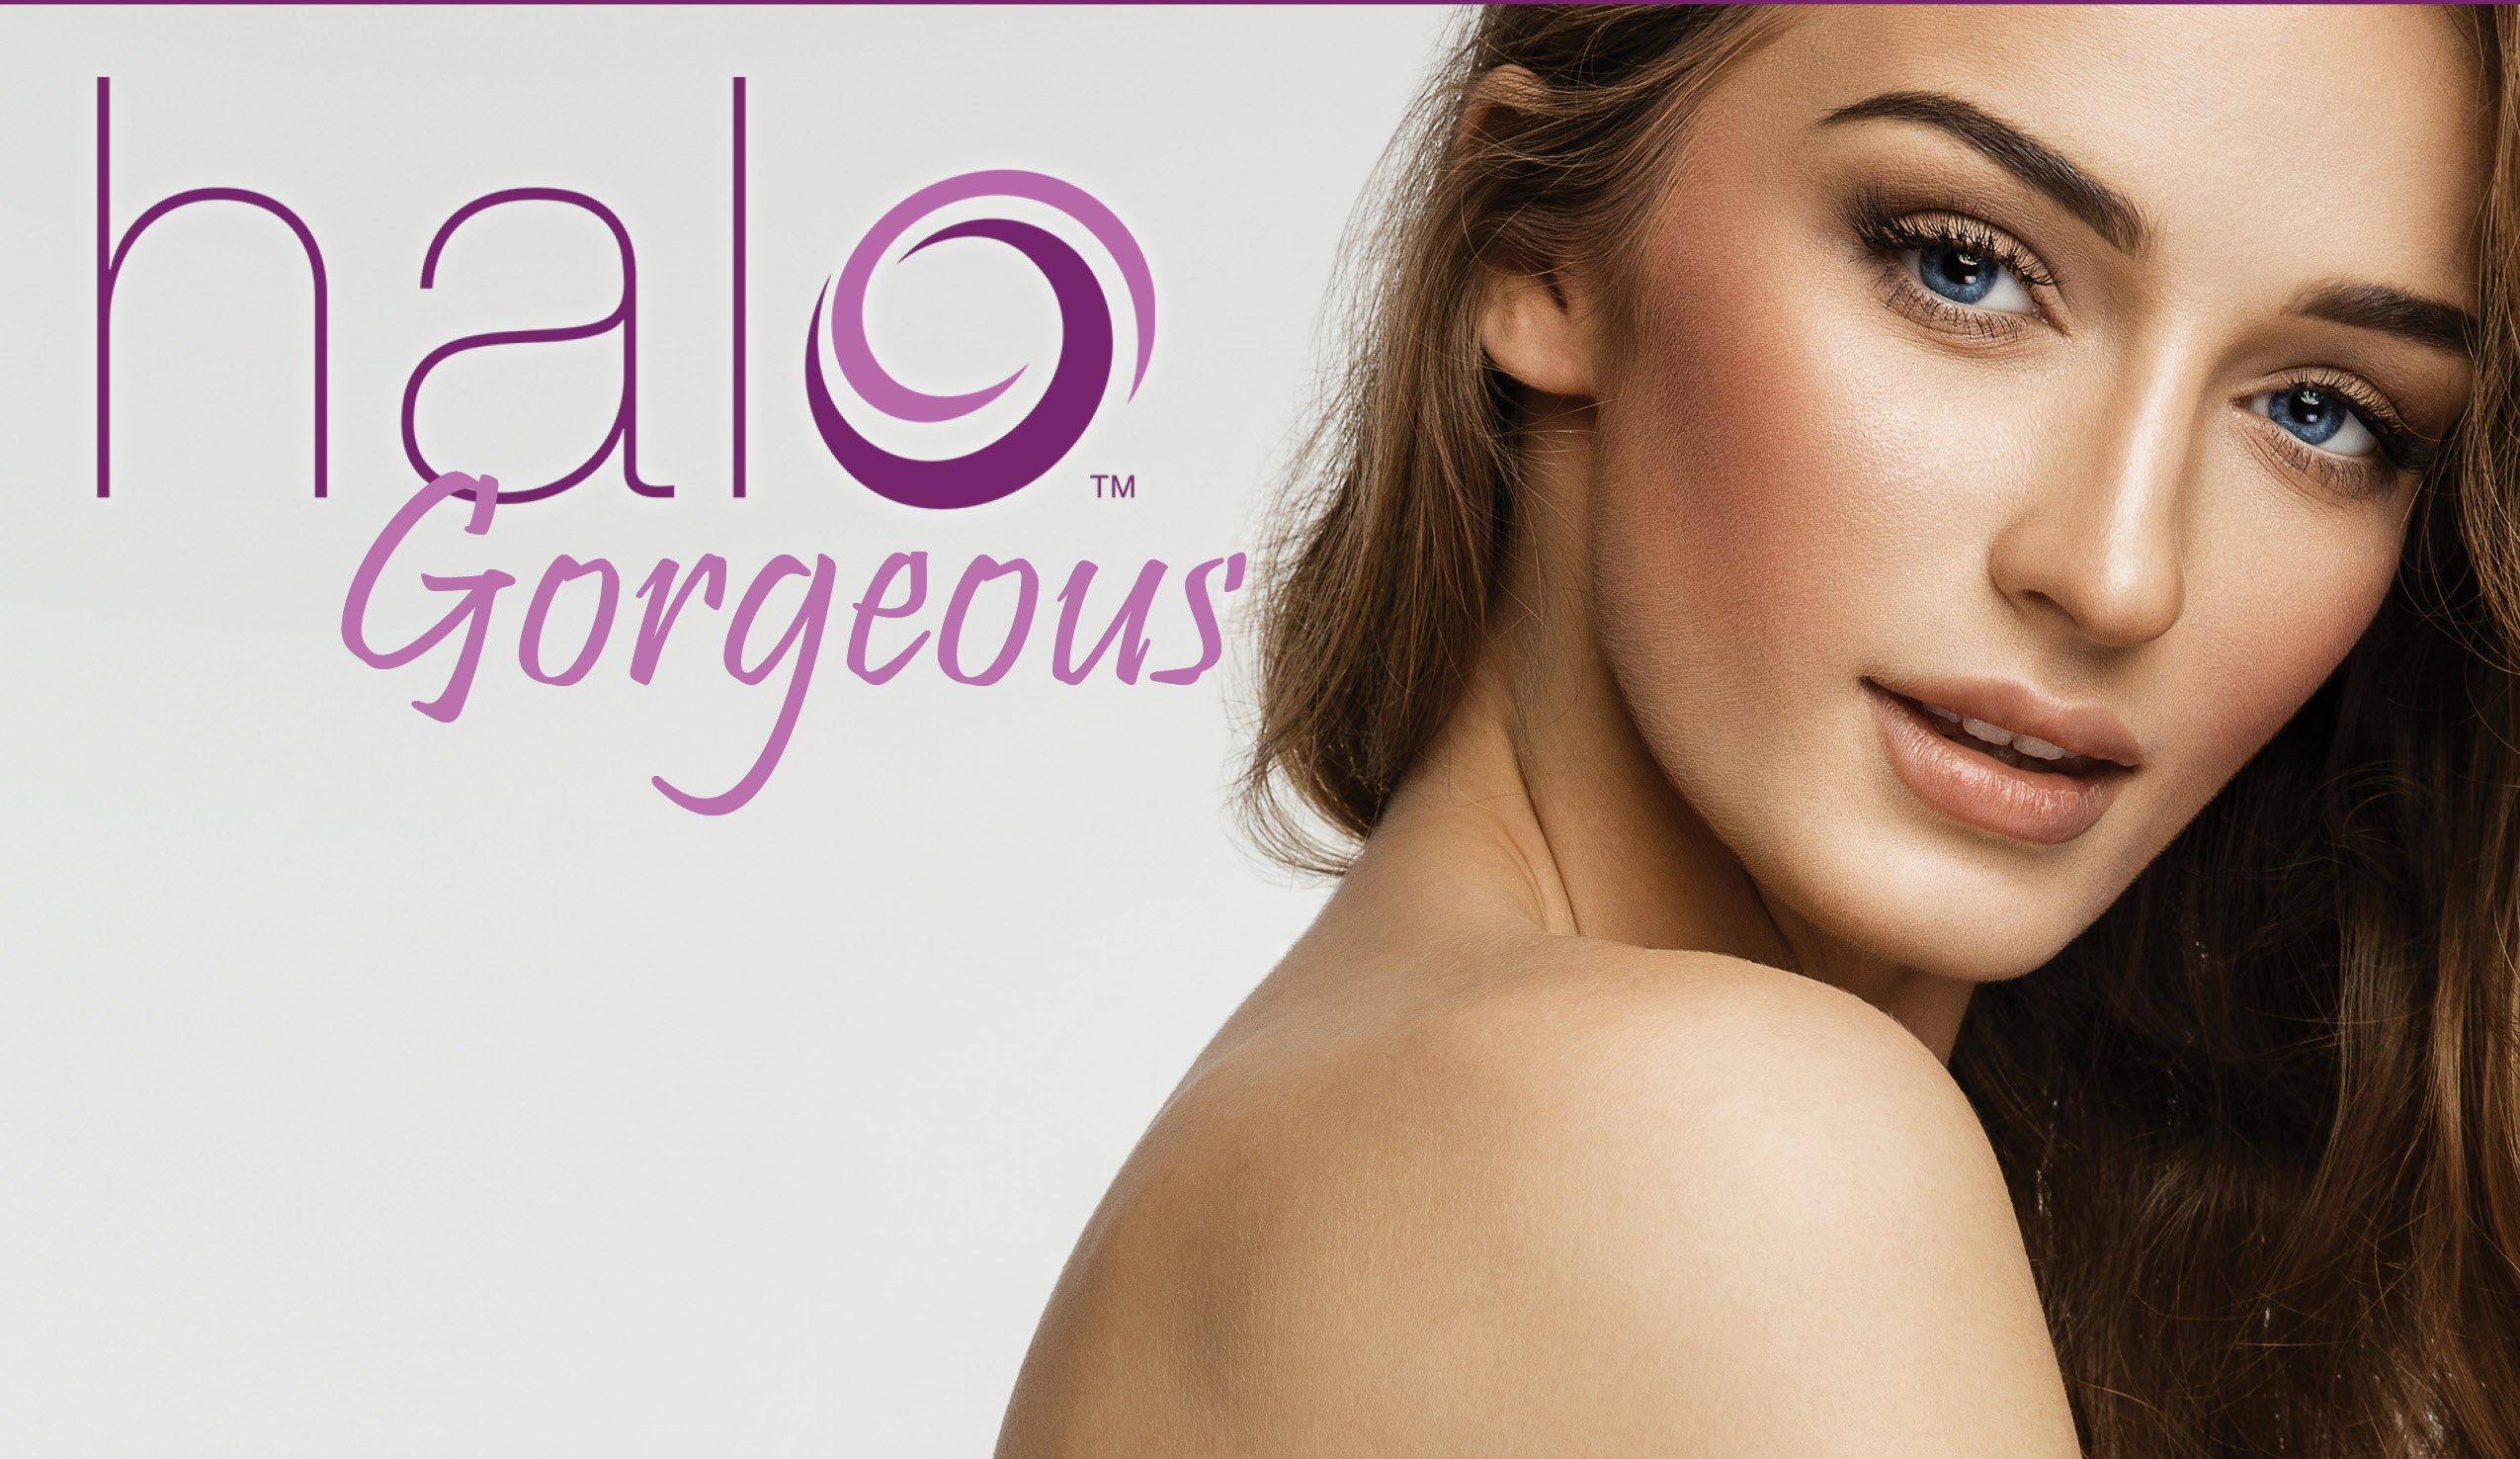 Halo-Gorgeous-image